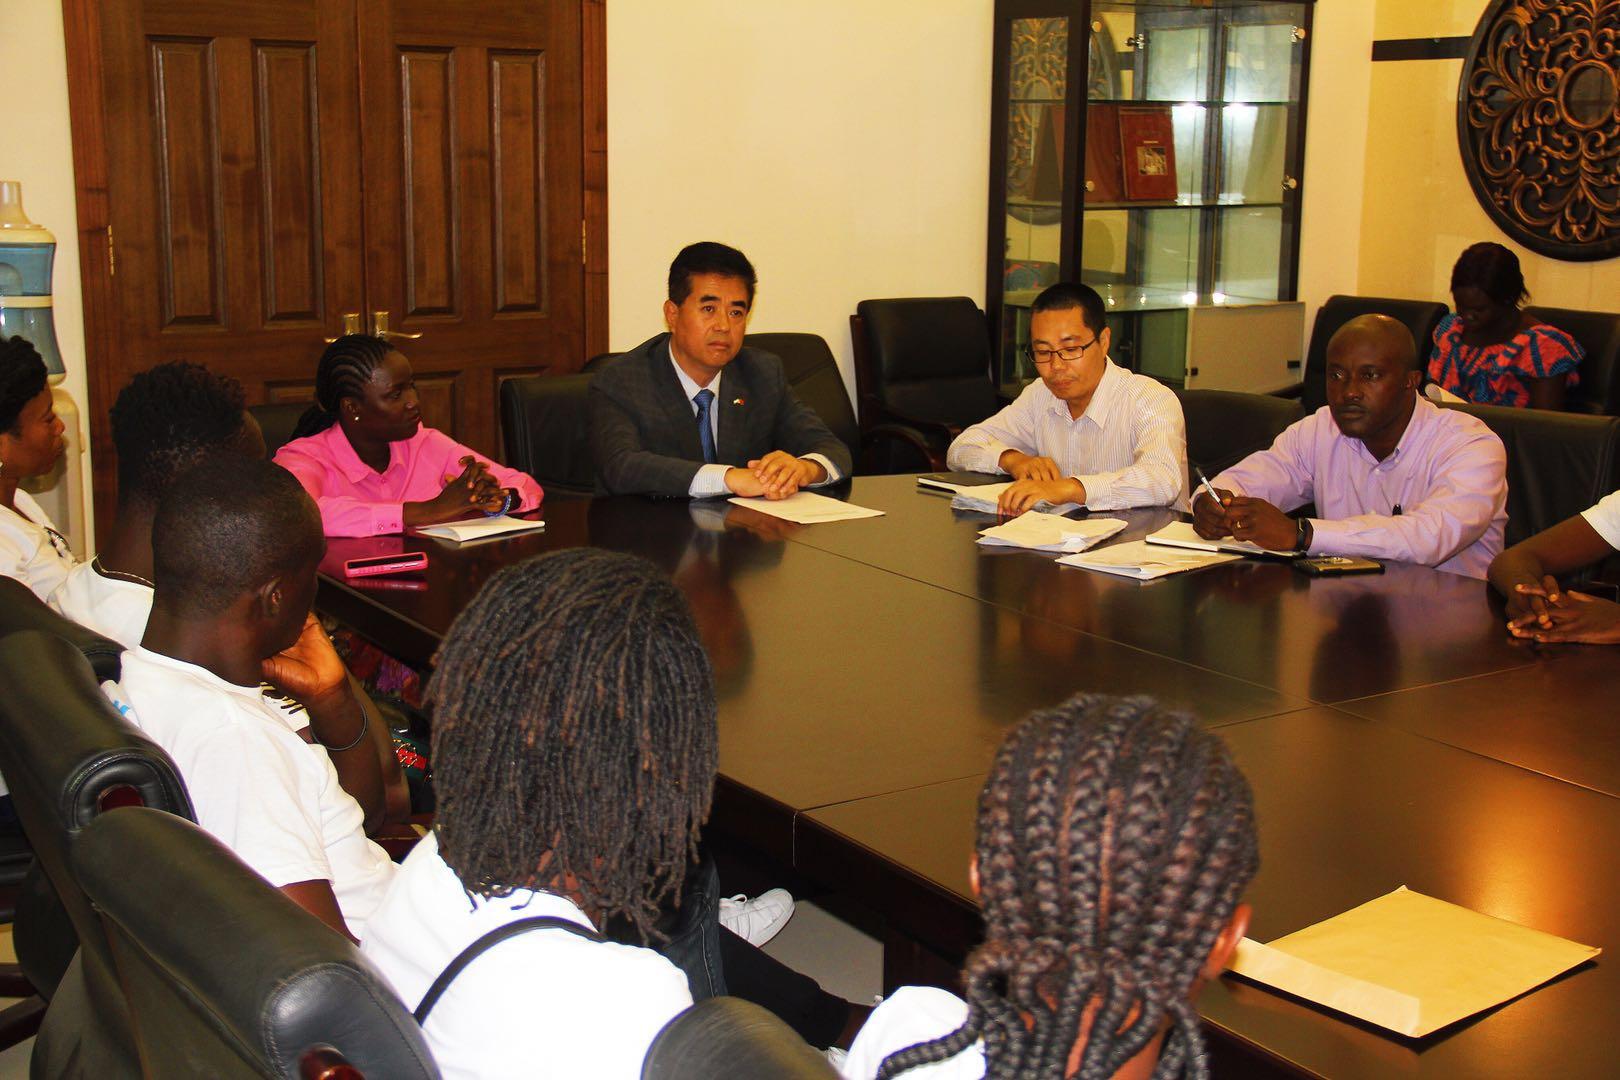 塞拉利昂32名运动员即将赴华参加我沙滩排球培训项目